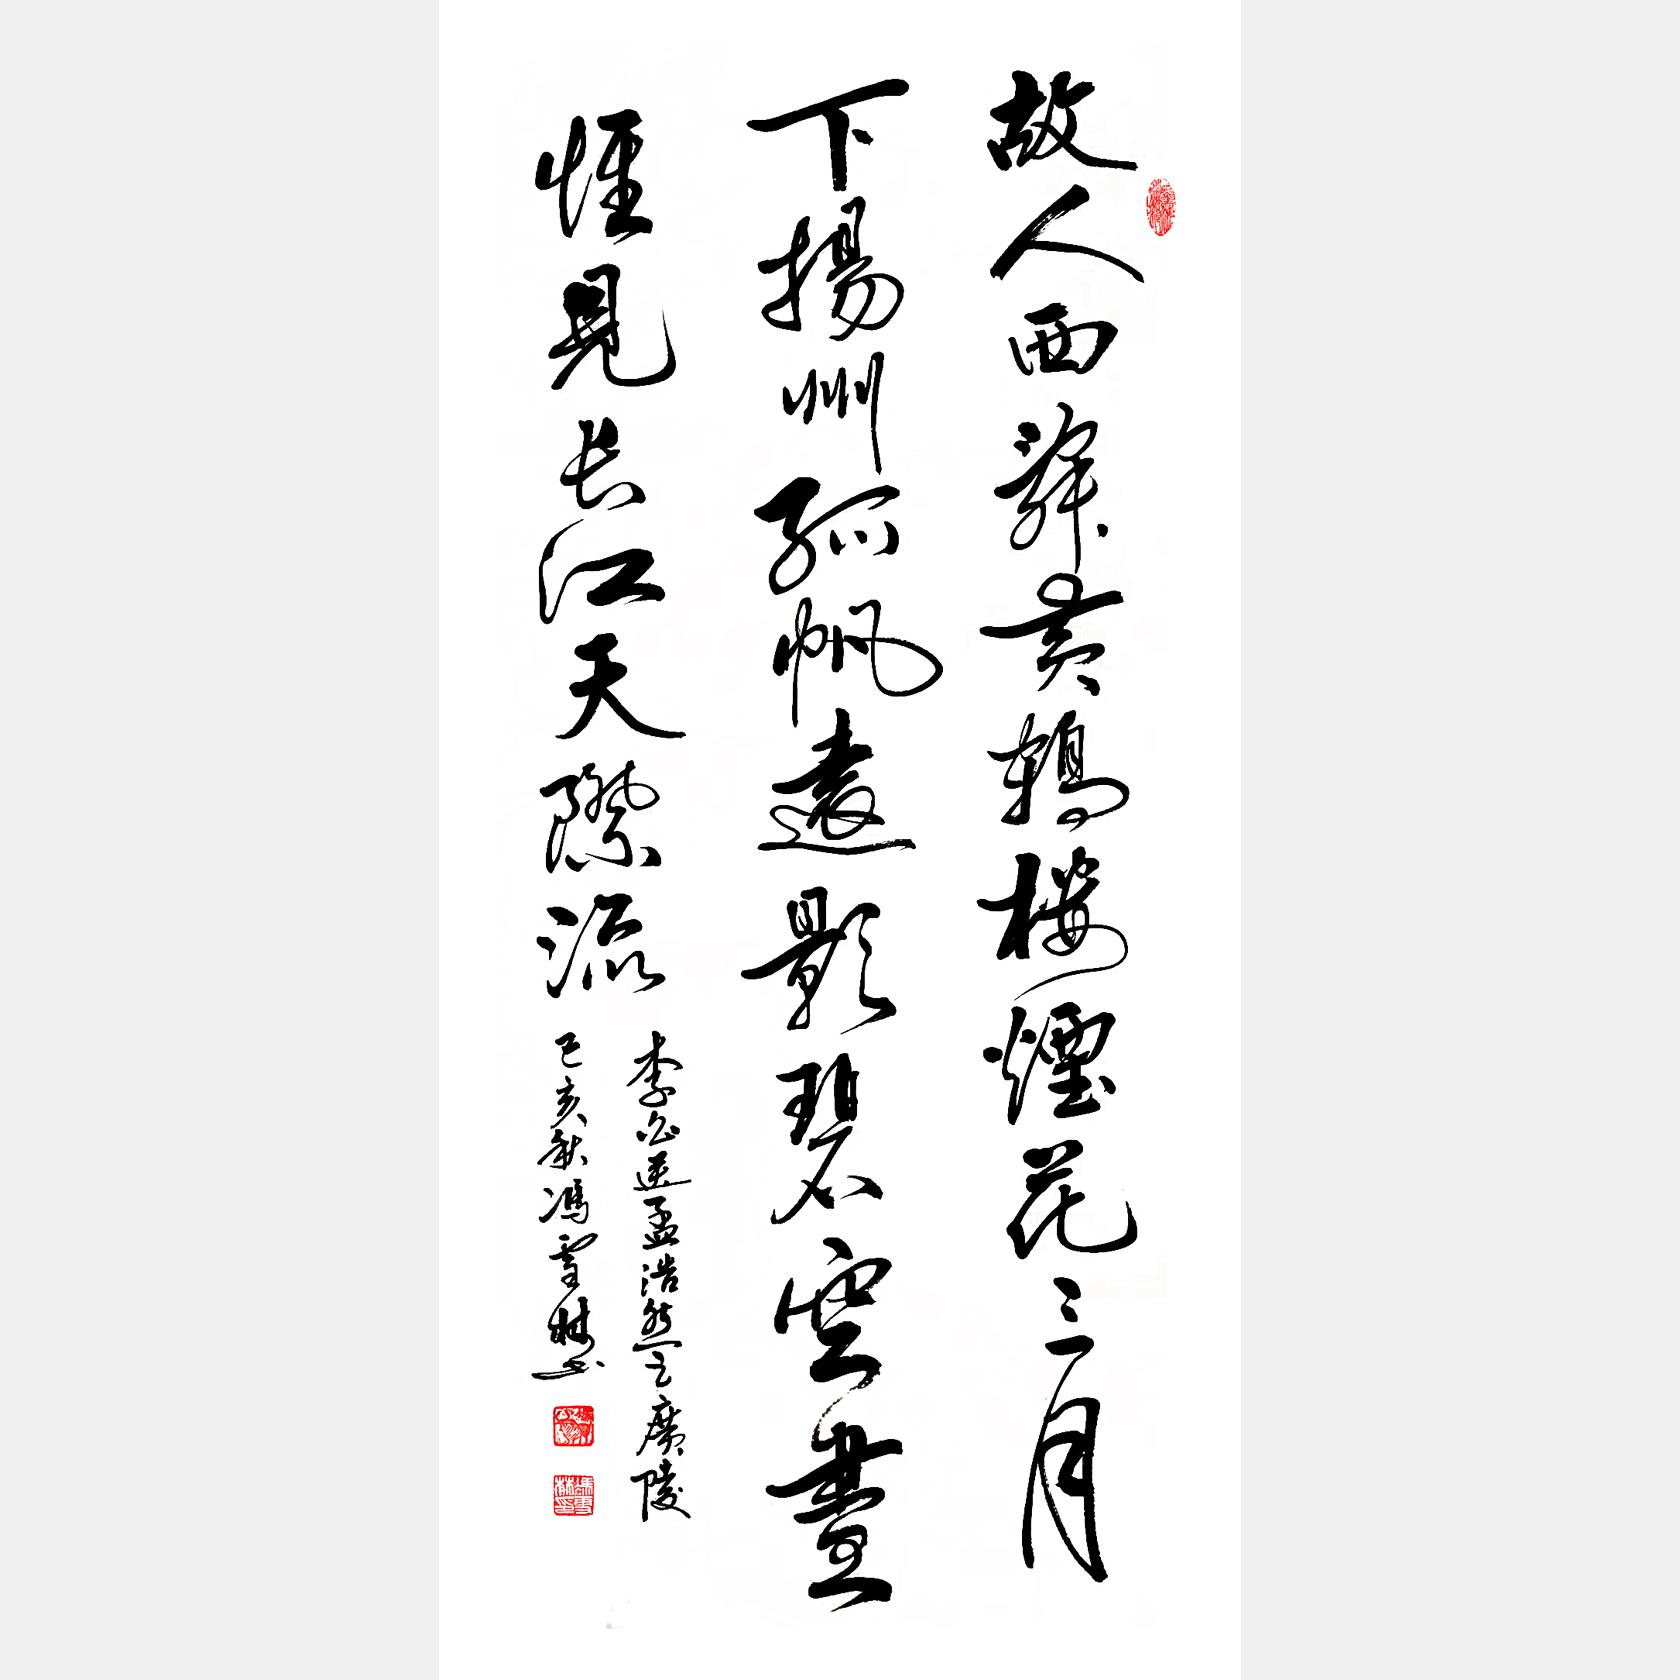 图片2:李白名篇《黄鹤楼送孟浩然之广陵》书法作品 李白唐诗名篇字画